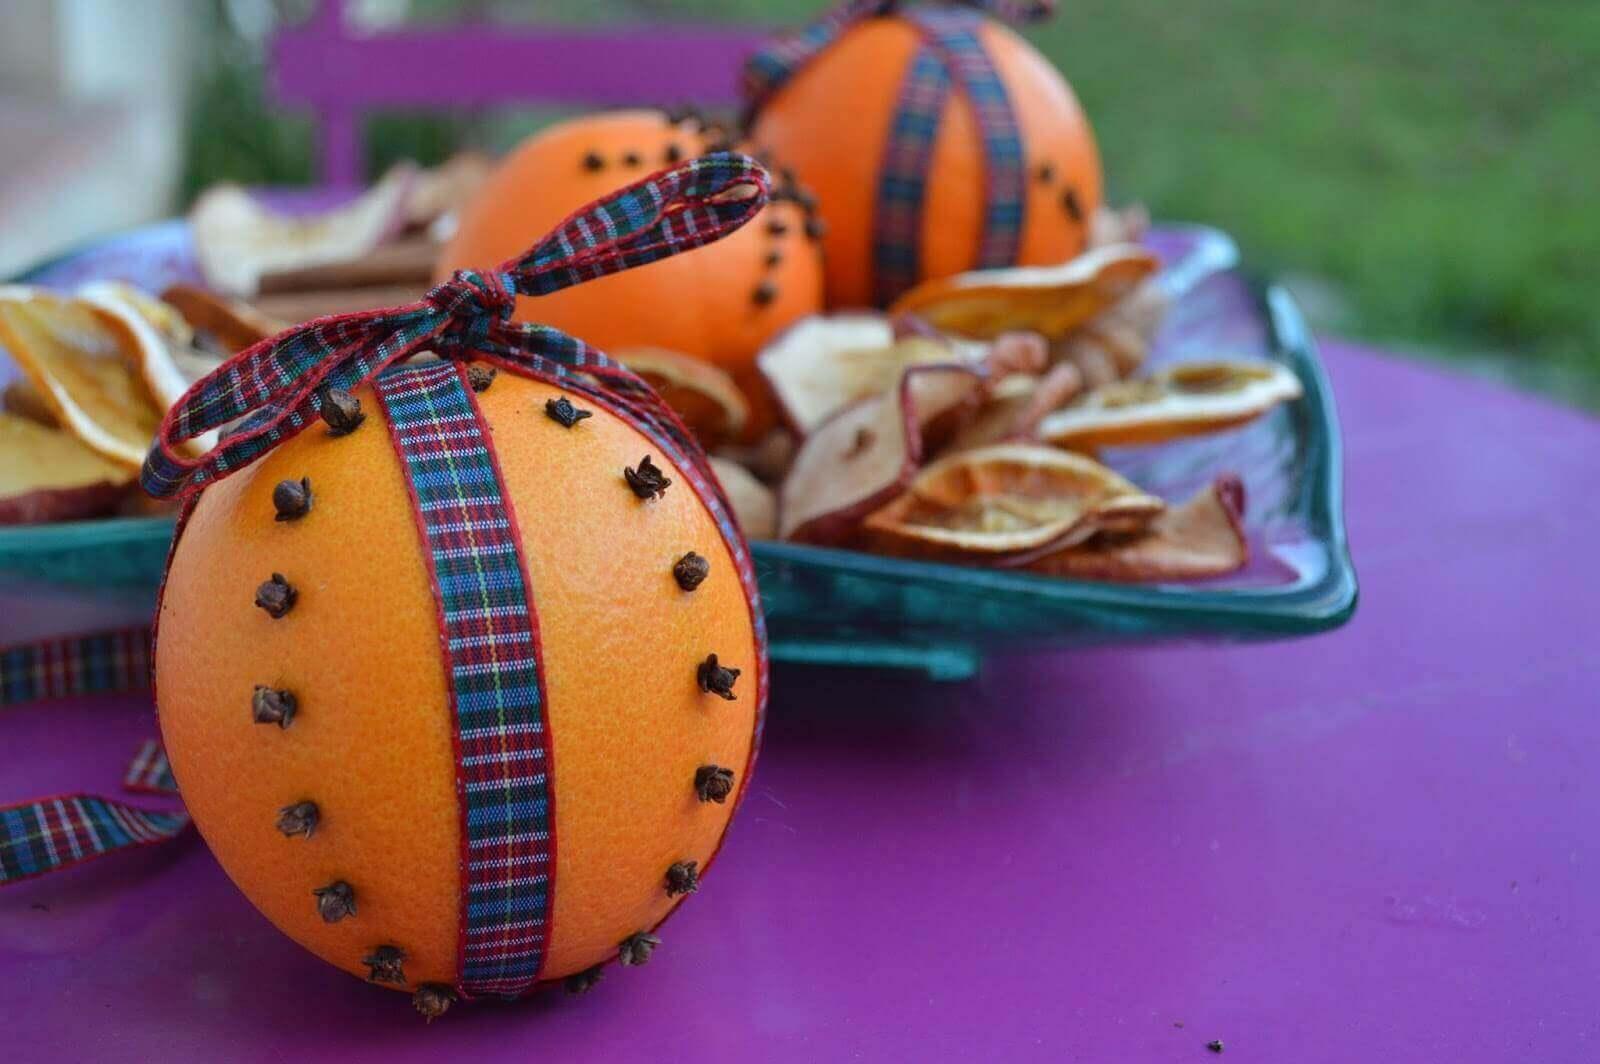 portakal kabuğu ile dekorasyon